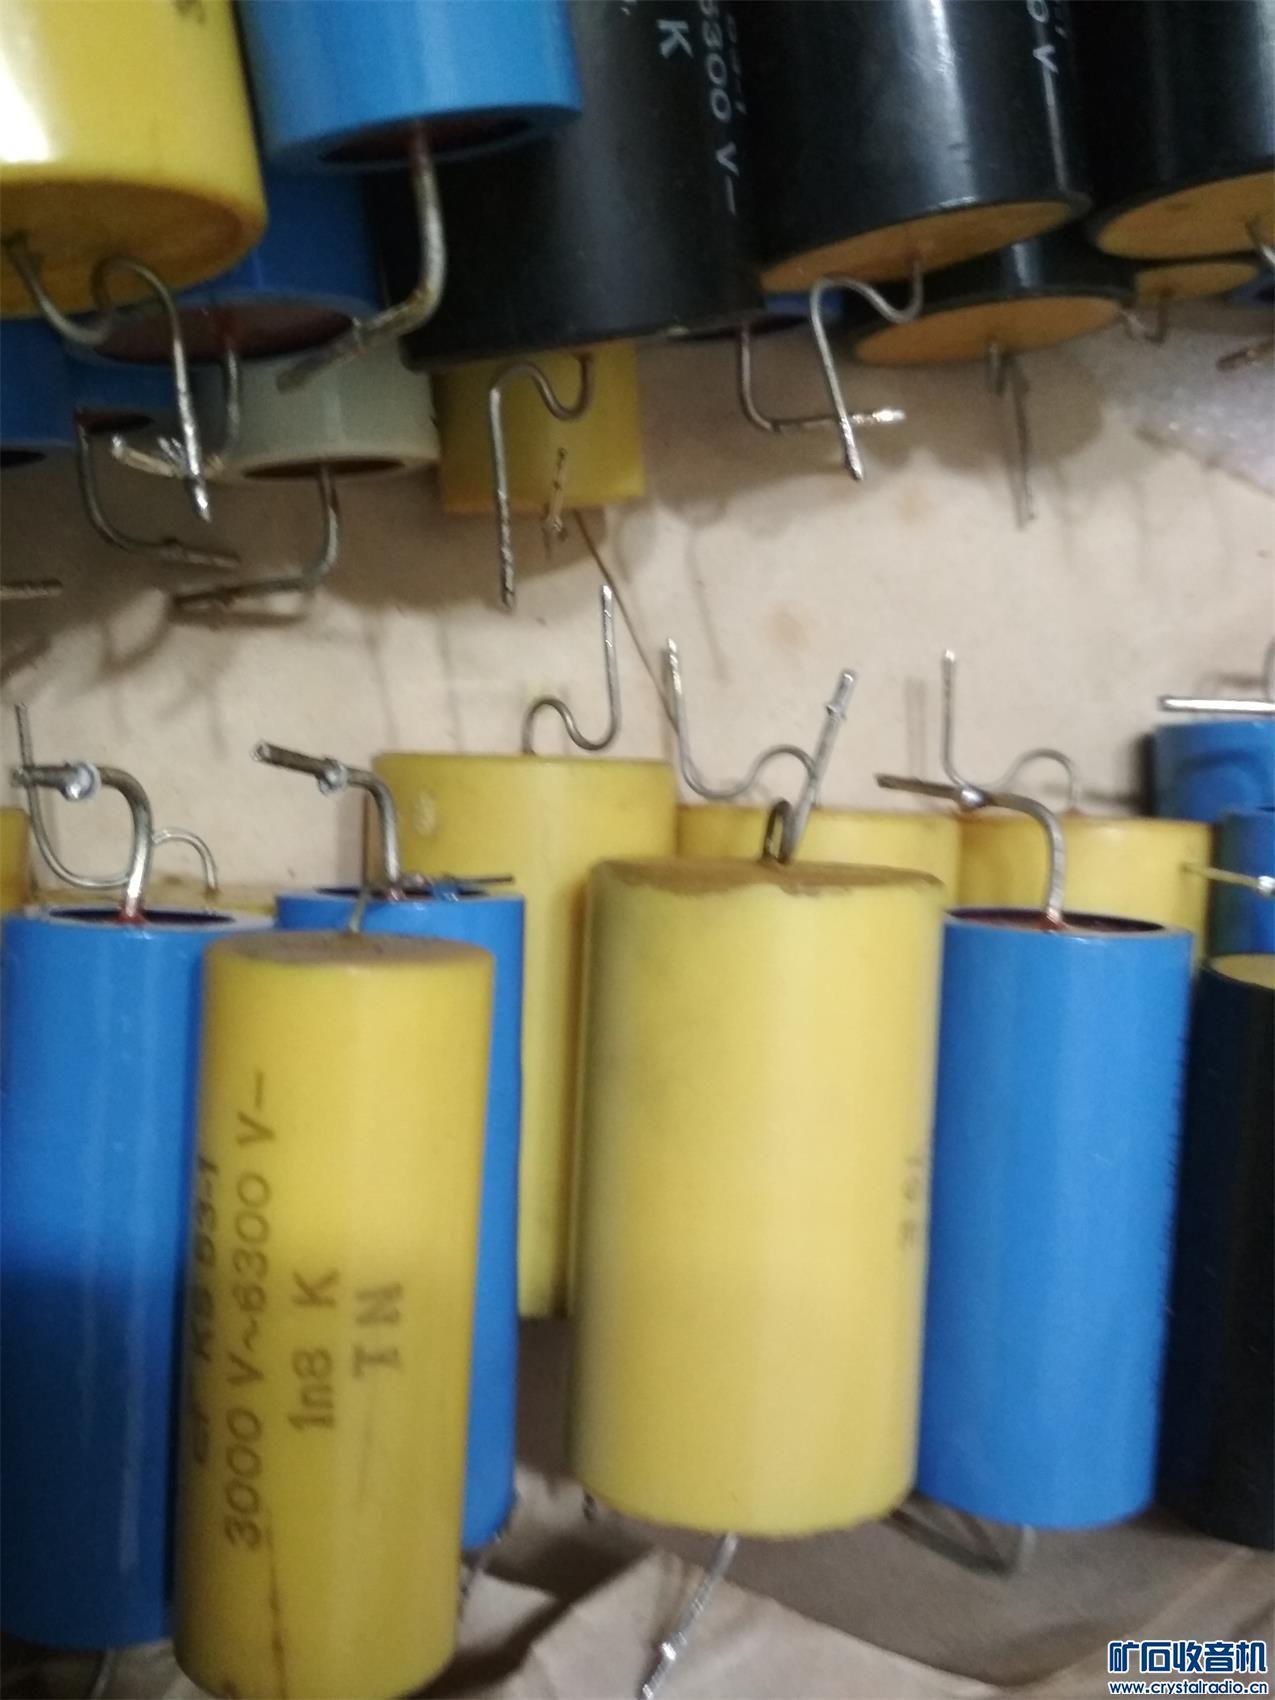 2508号进口高压电容每个6元 (5).jpg